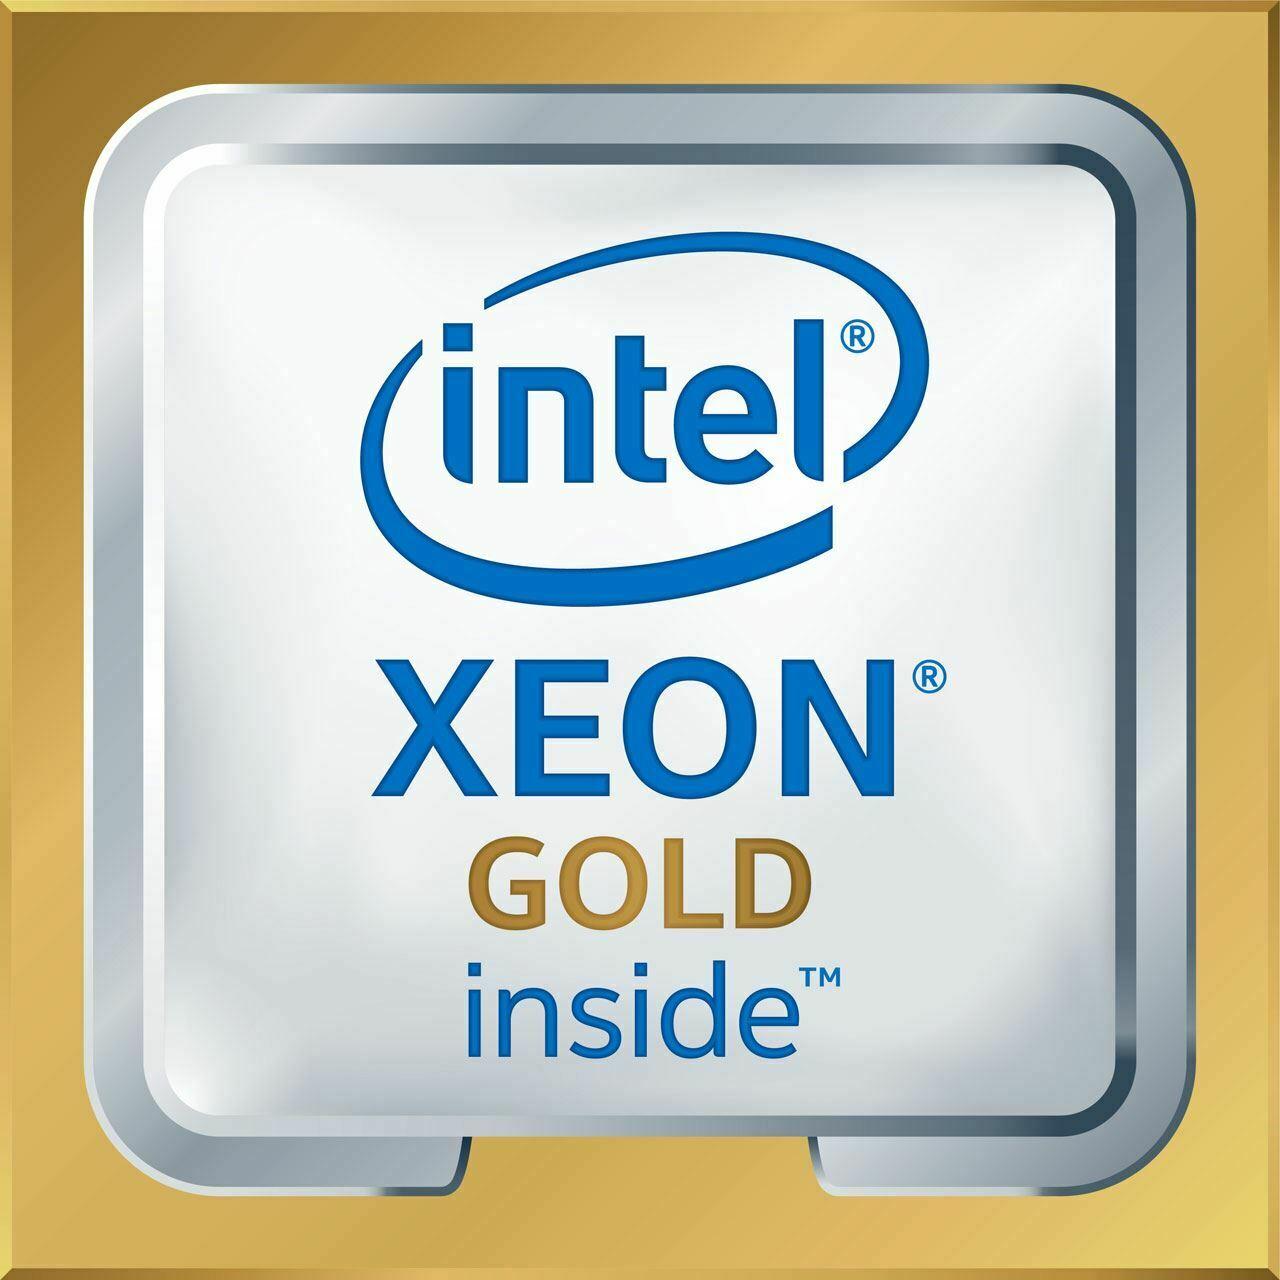 Intel Xeon Gold 5118 12x 2.30GHz 24x Threads SR3GF